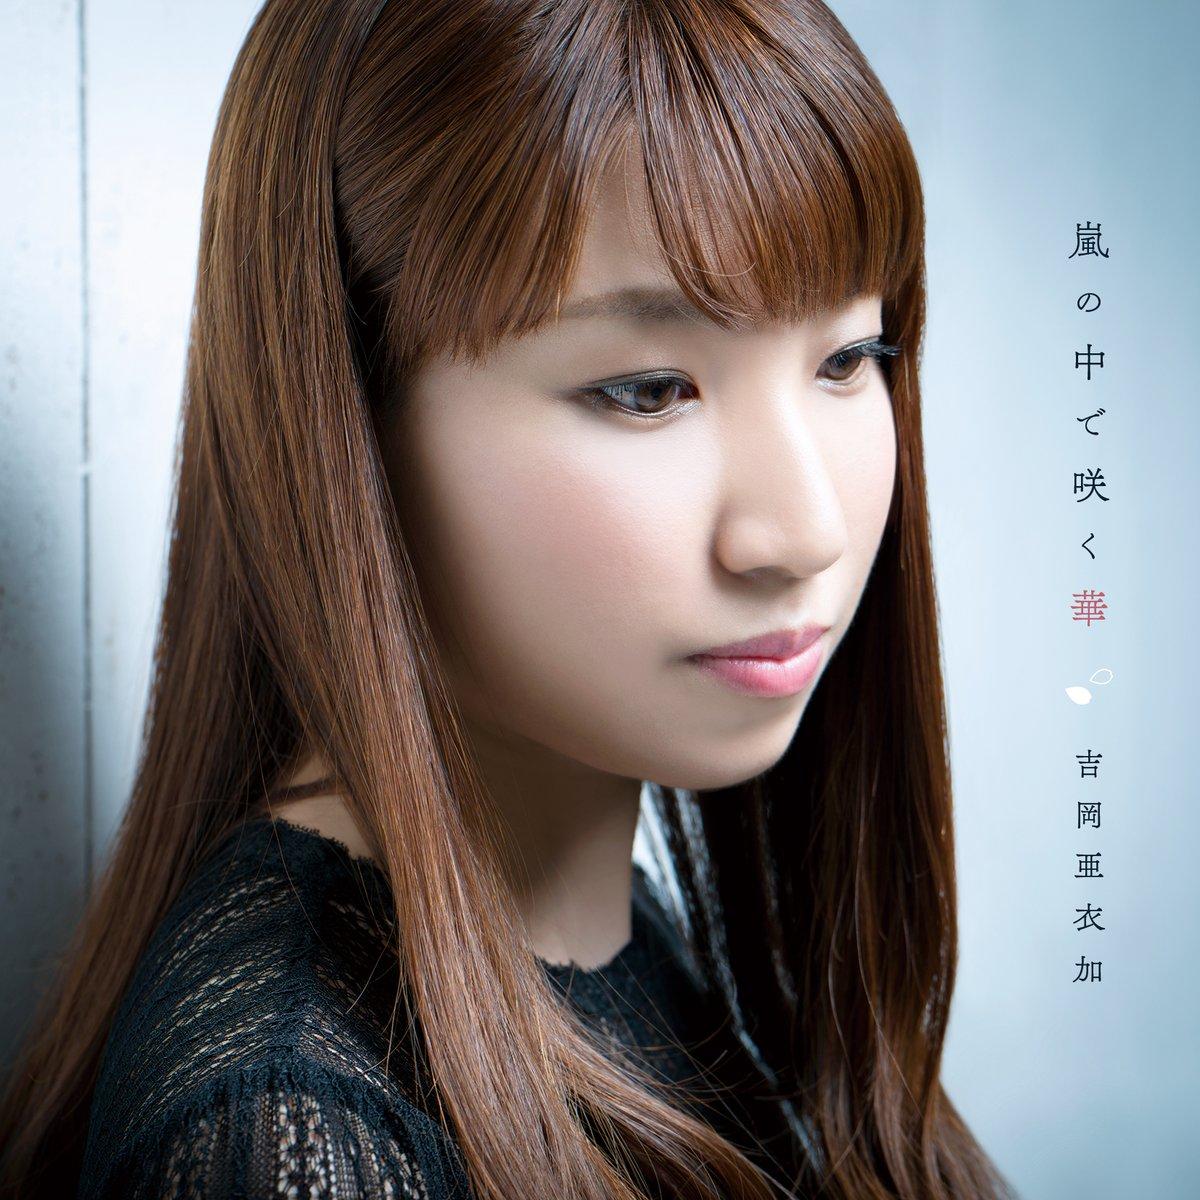 20160716.02.01 Aika Yoshioka - Arashi no Naka de Saku Hana cover.jpg